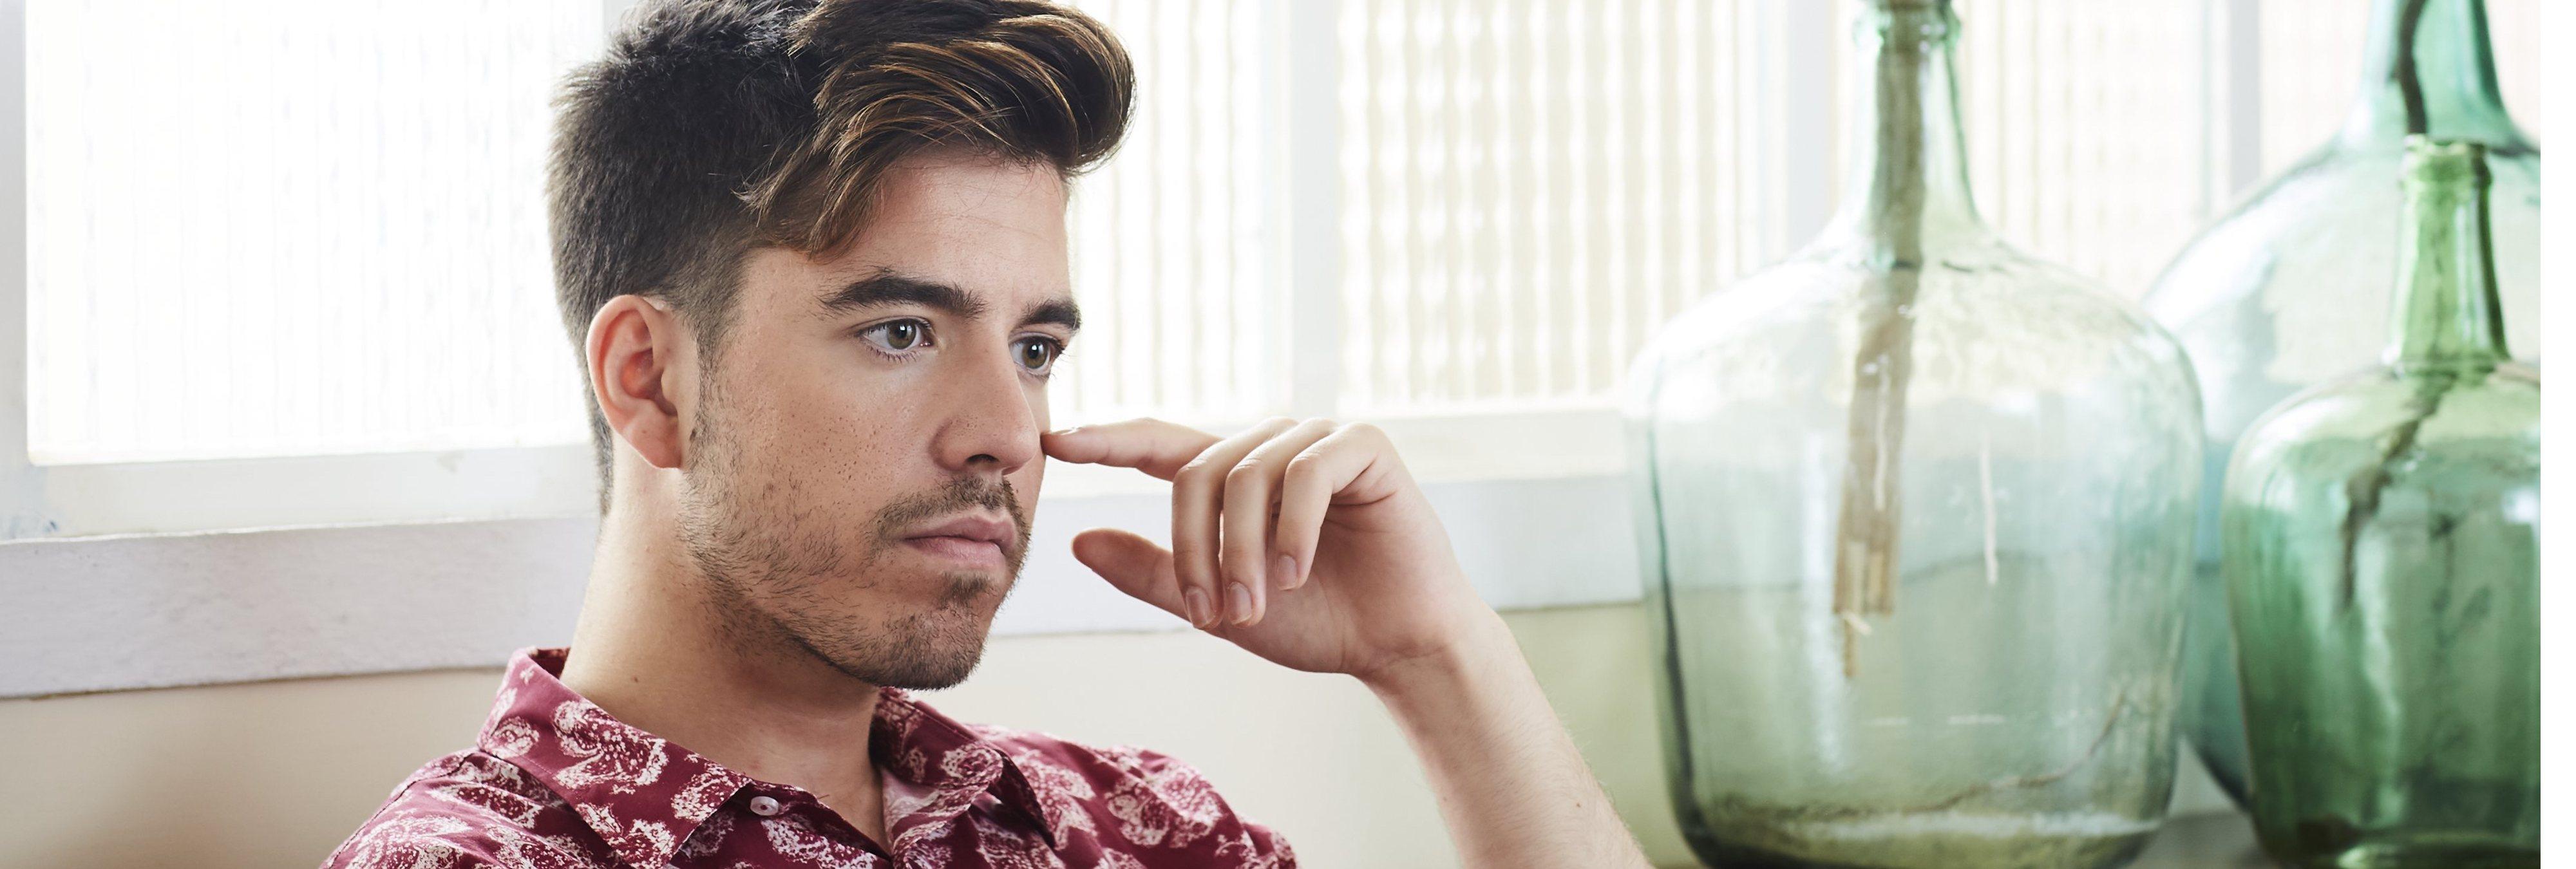 """Roi Méndez descarta representar a España en Eurovisión: """"No tengo nada que ofrecer"""""""